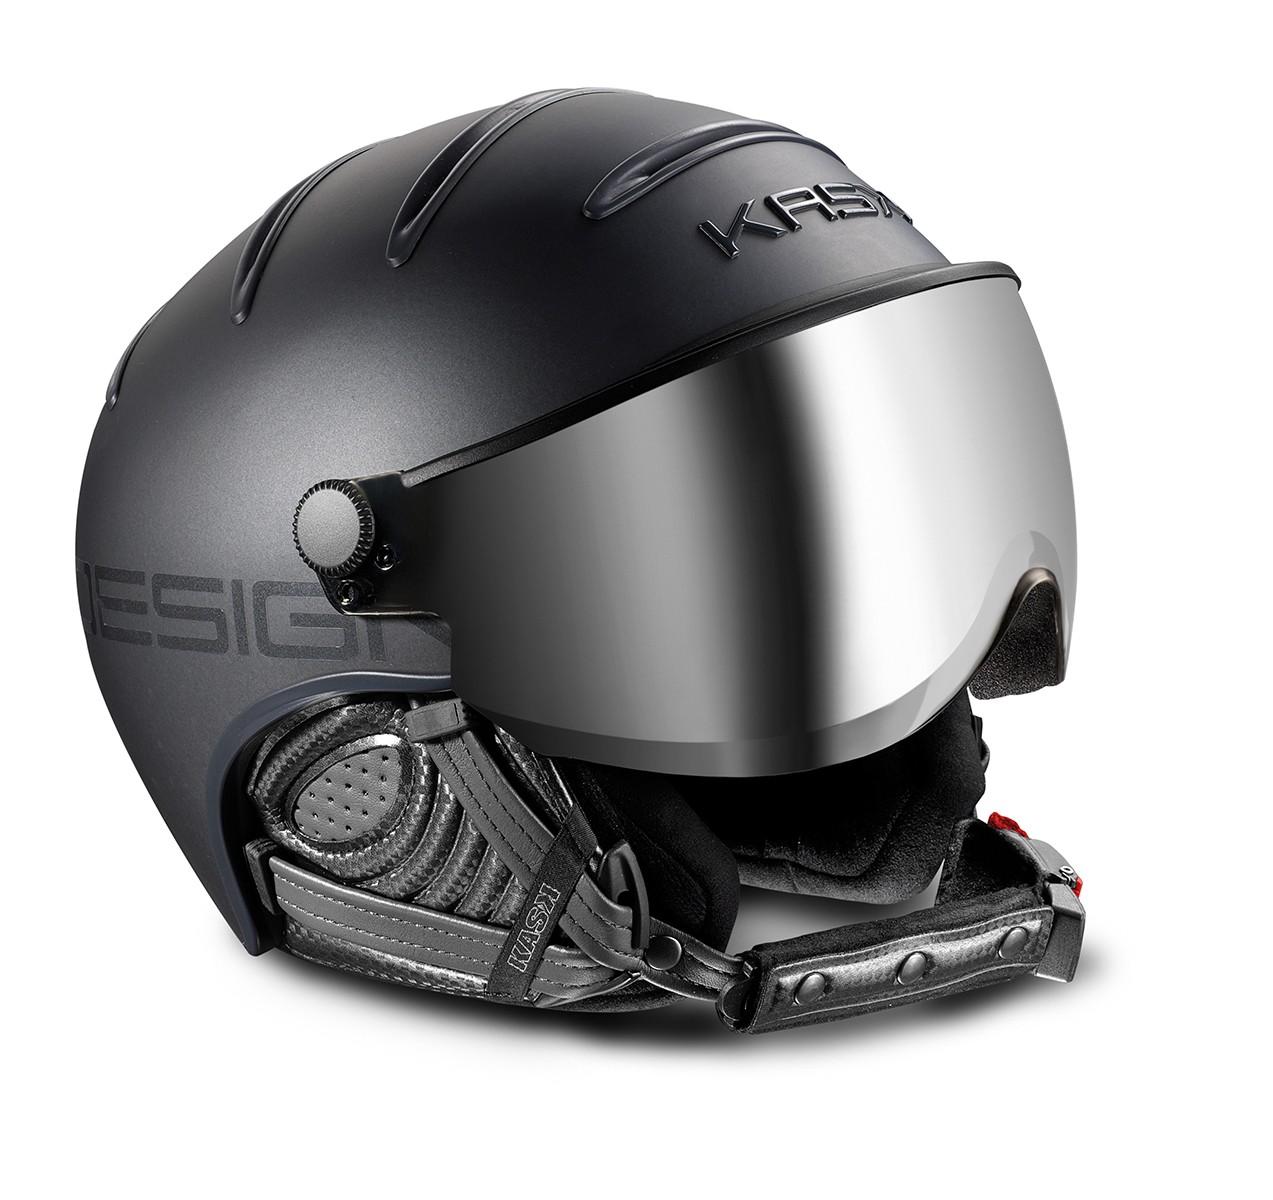 Kask Class Shadow Snow Helmet ActiveLifeStore.com